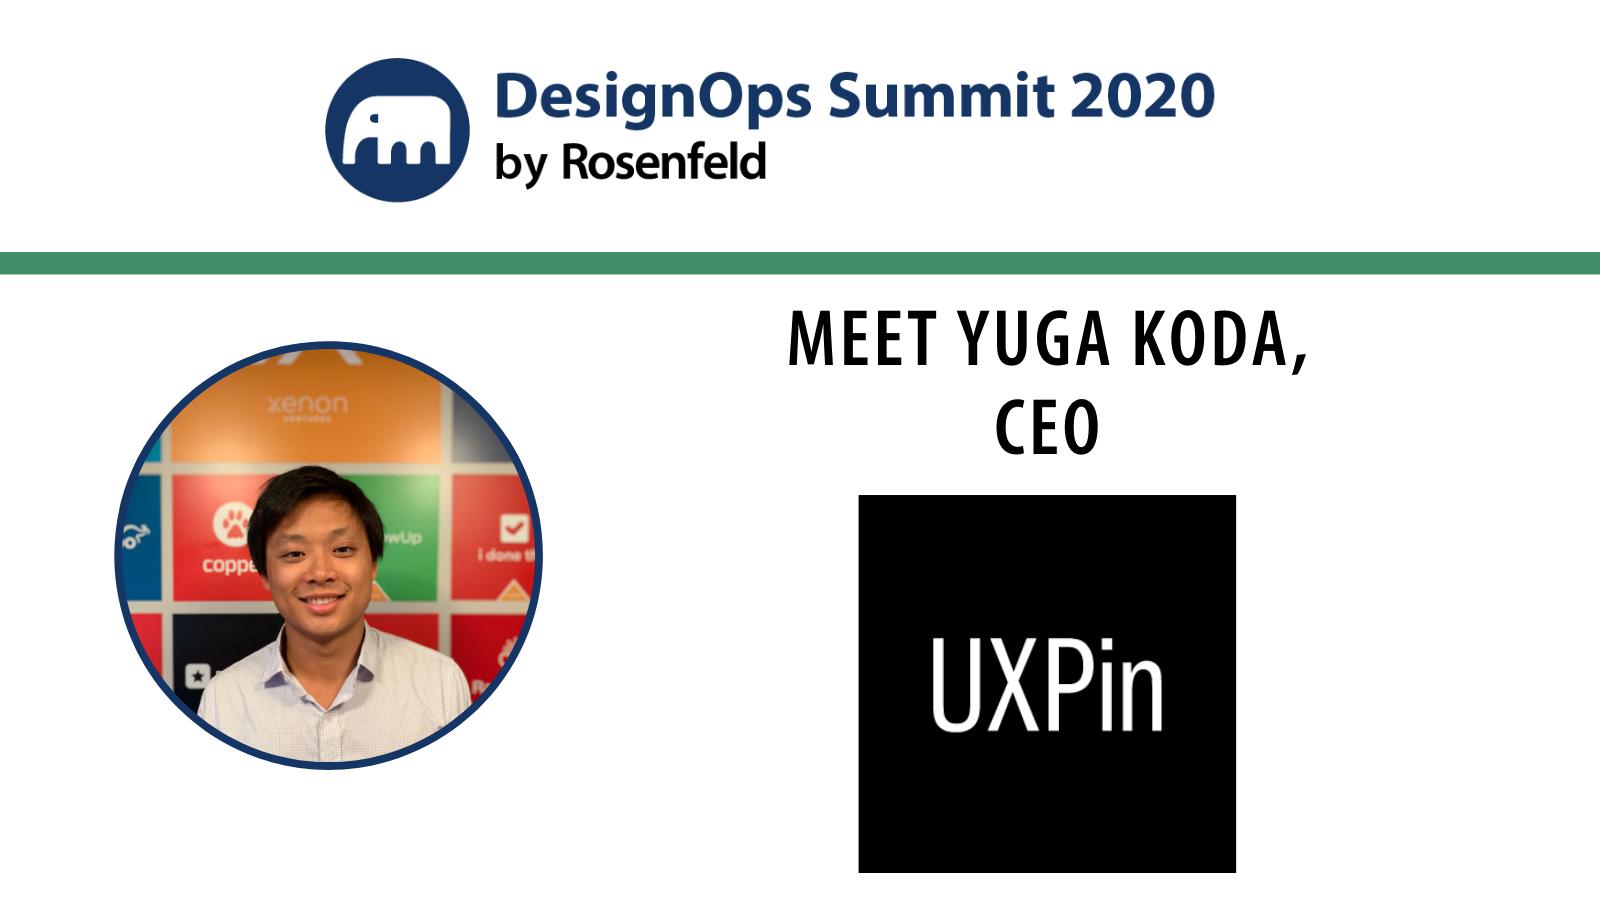 Meet Yuga Koda, CEO